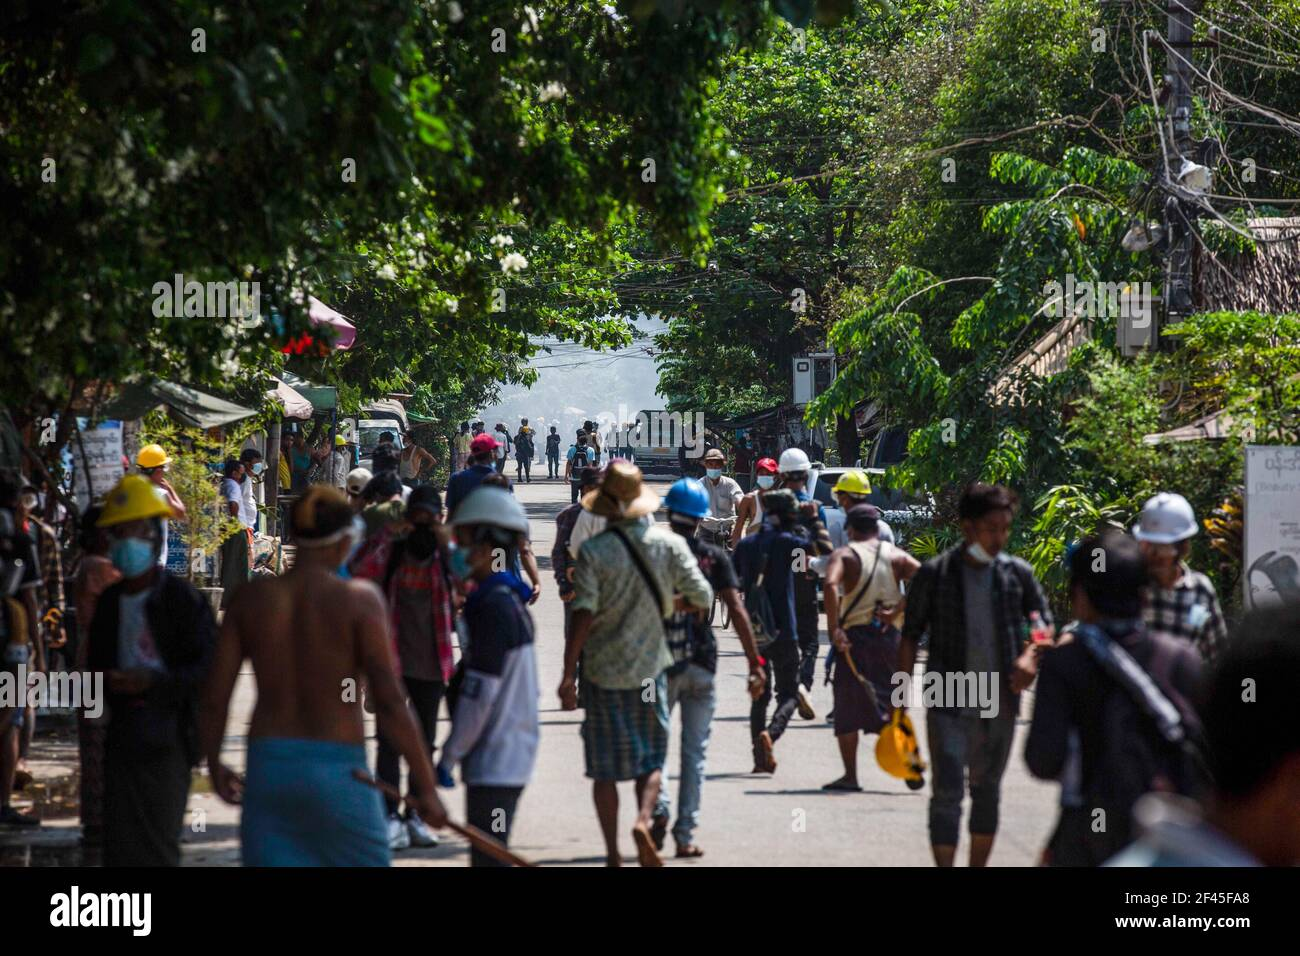 I dimostranti anti anti di colpo di stato militare camminano verso le barricate improvvisate alla fine della strada durante una manifestazione contro il colpo di stato militare. La polizia e i soldati militari di Myanmar (tatmadow) hanno attaccato i dimostranti con proiettili in gomma, munizioni vive, gas lacrimogeni e bombe di stordimento in risposta ai dimostranti di colpo di stato militare venerdì, uccidendo diversi manifestanti e ferendo molti altri. Almeno 149 persone sono state uccise in Myanmar dal colpo di Stato del 1° febbraio, ha affermato un funzionario delle Nazioni Unite per i diritti umani. L'esercito del Myanmar ha arrestato il consigliere di Stato di Myanmar Aung San Suu Kyi il 01 febbraio 2021 e ha dichiarato a. Foto Stock